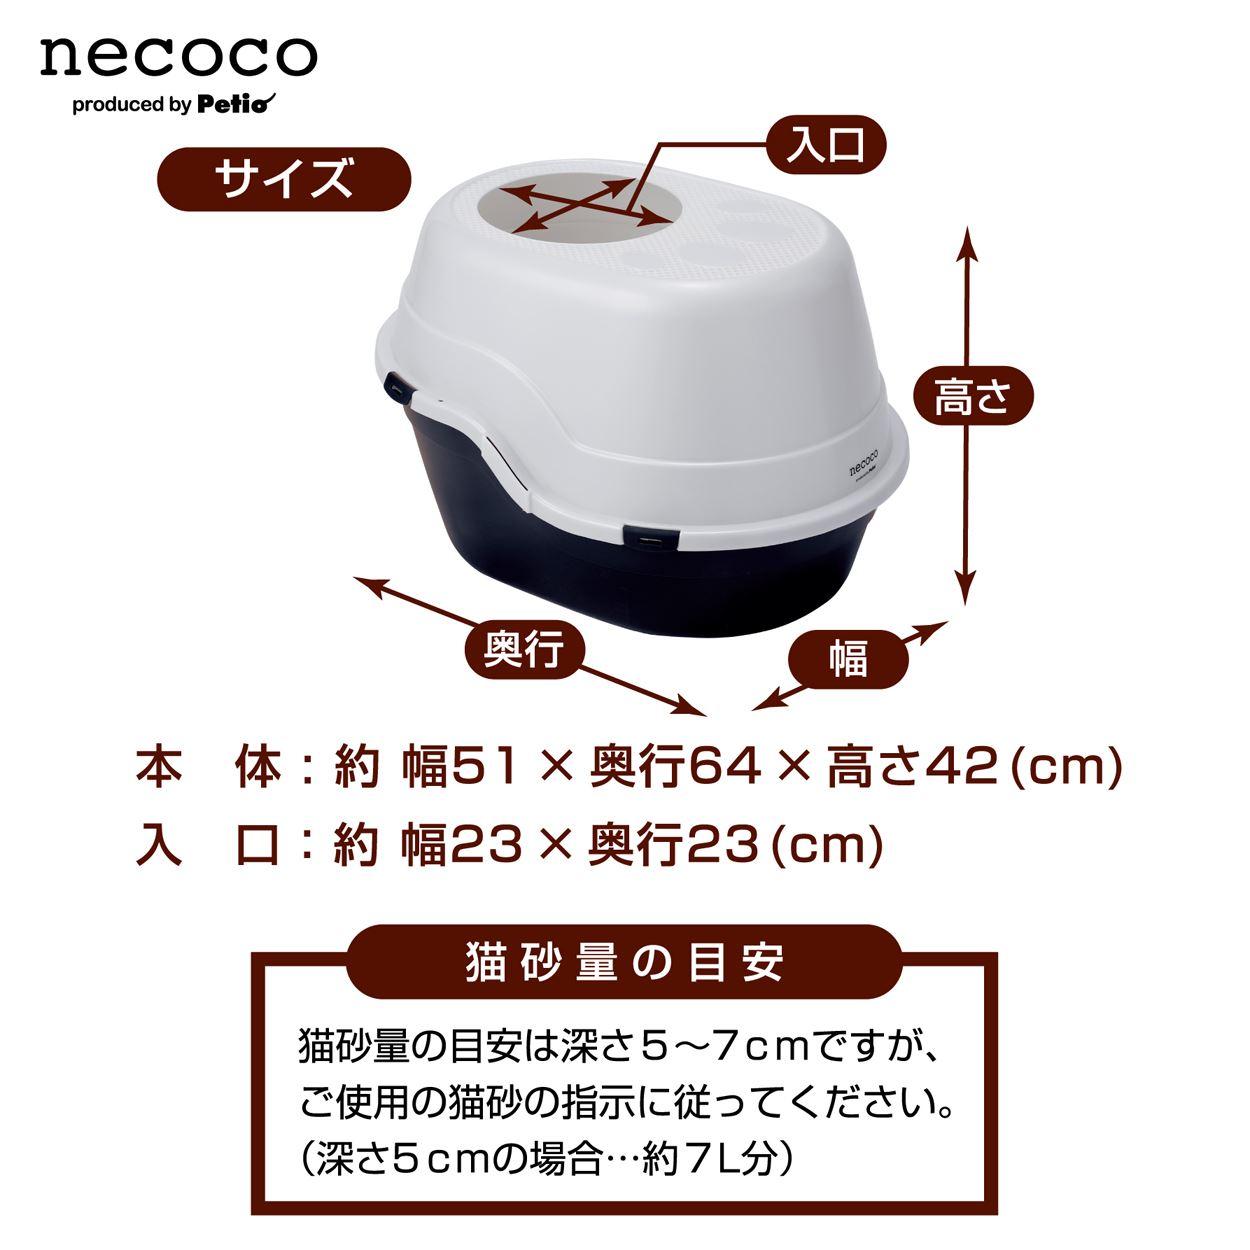 日本住居に適したサイズ設計